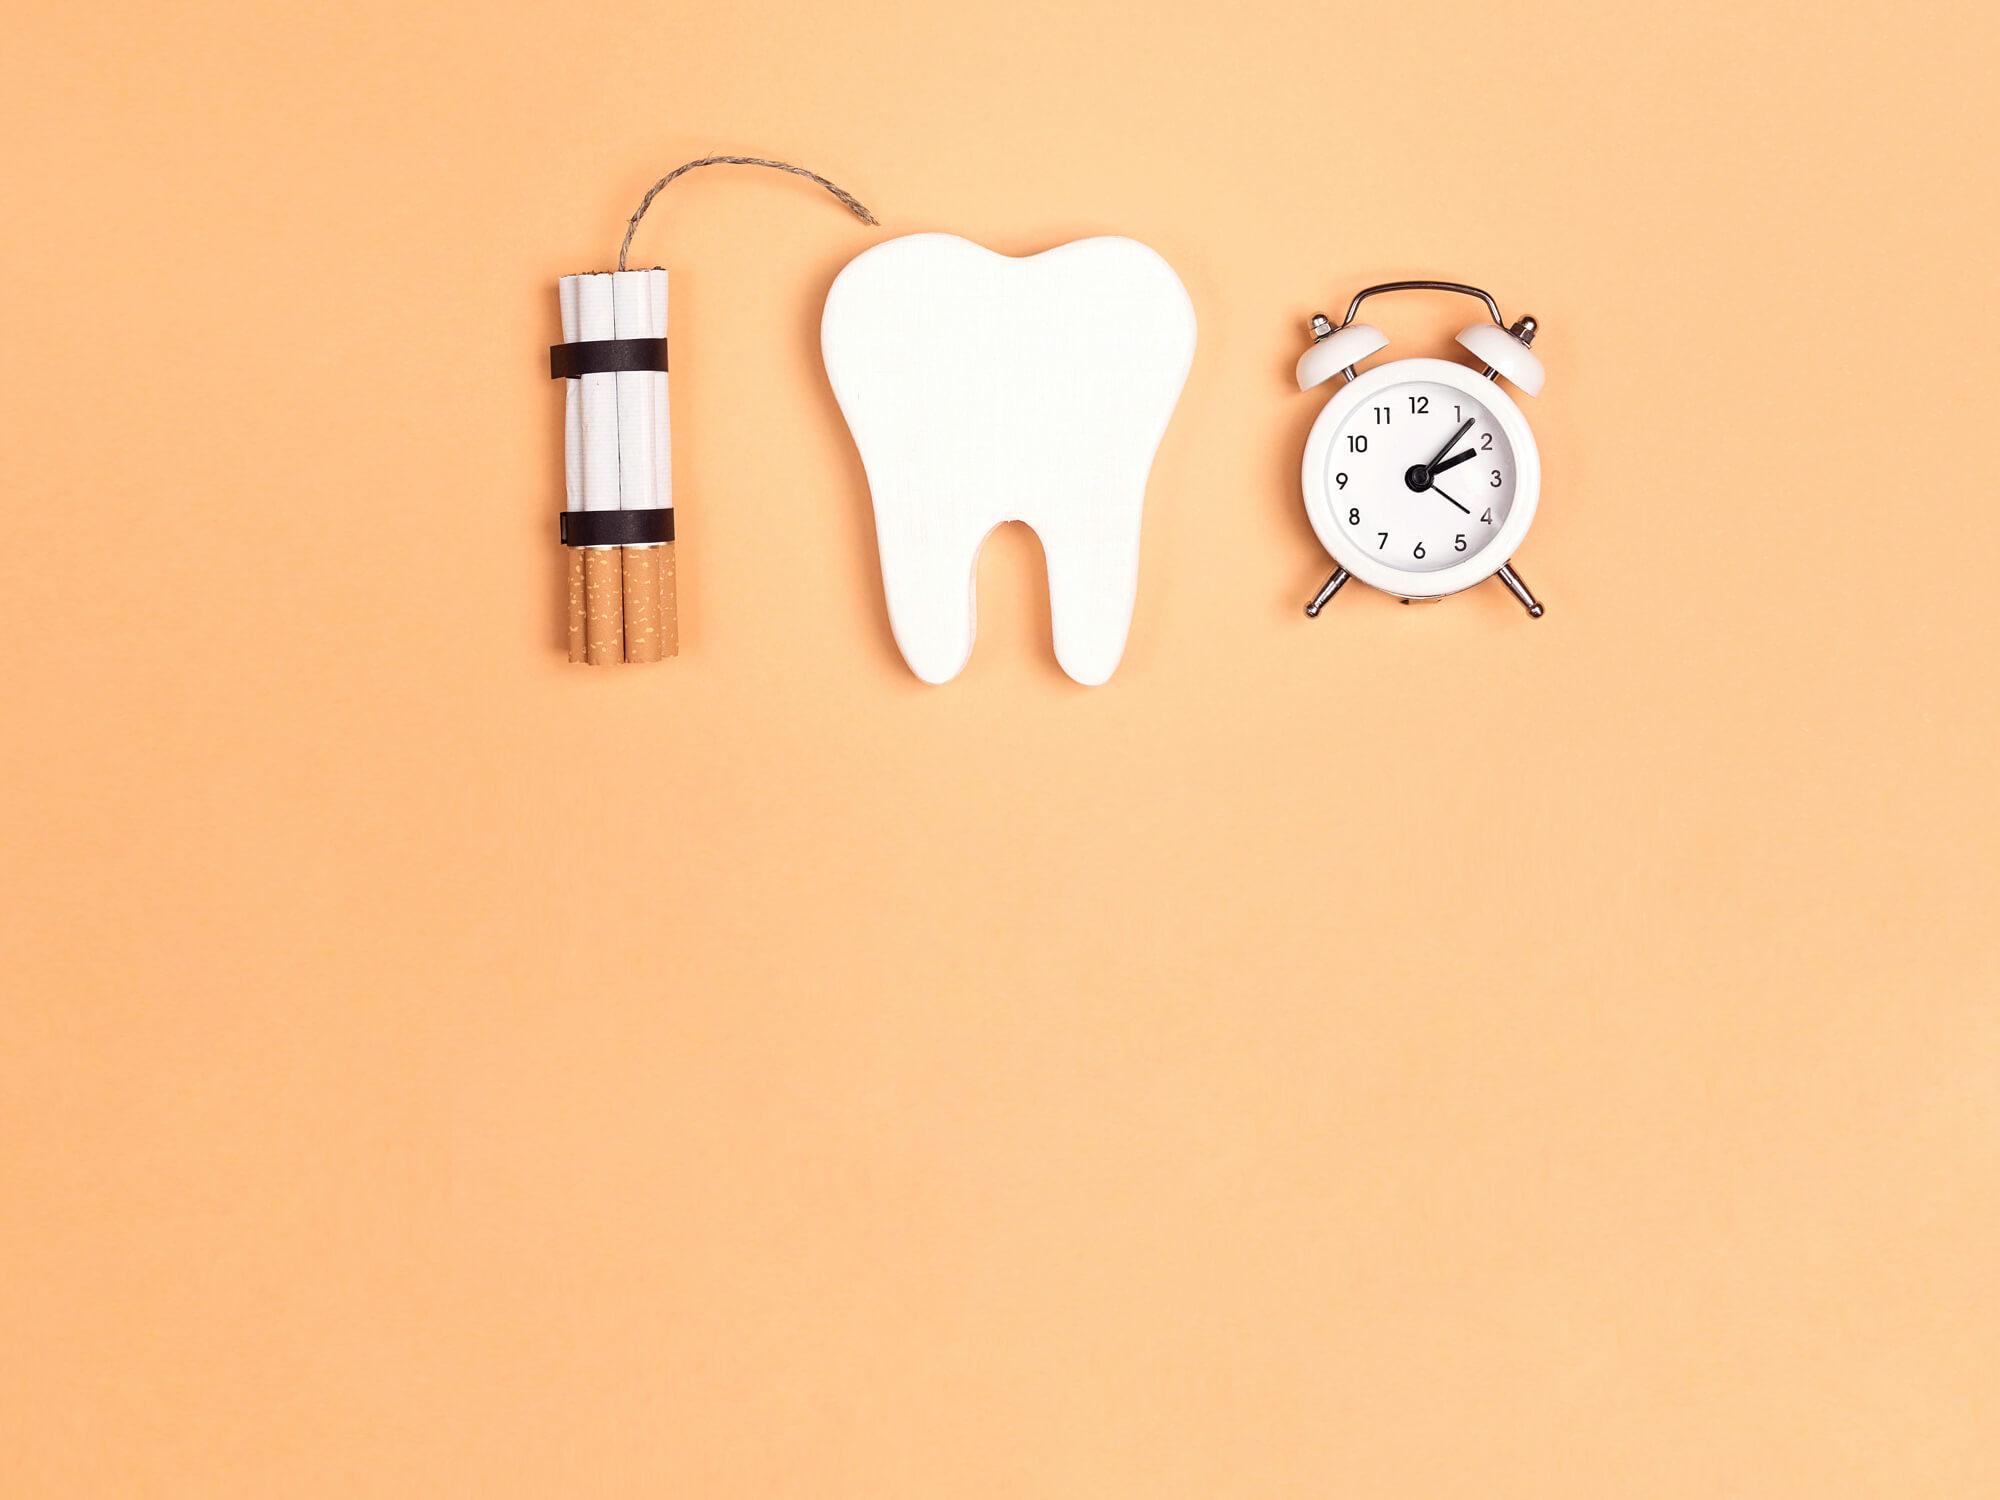 Zähne putzen nach dem rauchen 🎉 Gesundheit: Statt